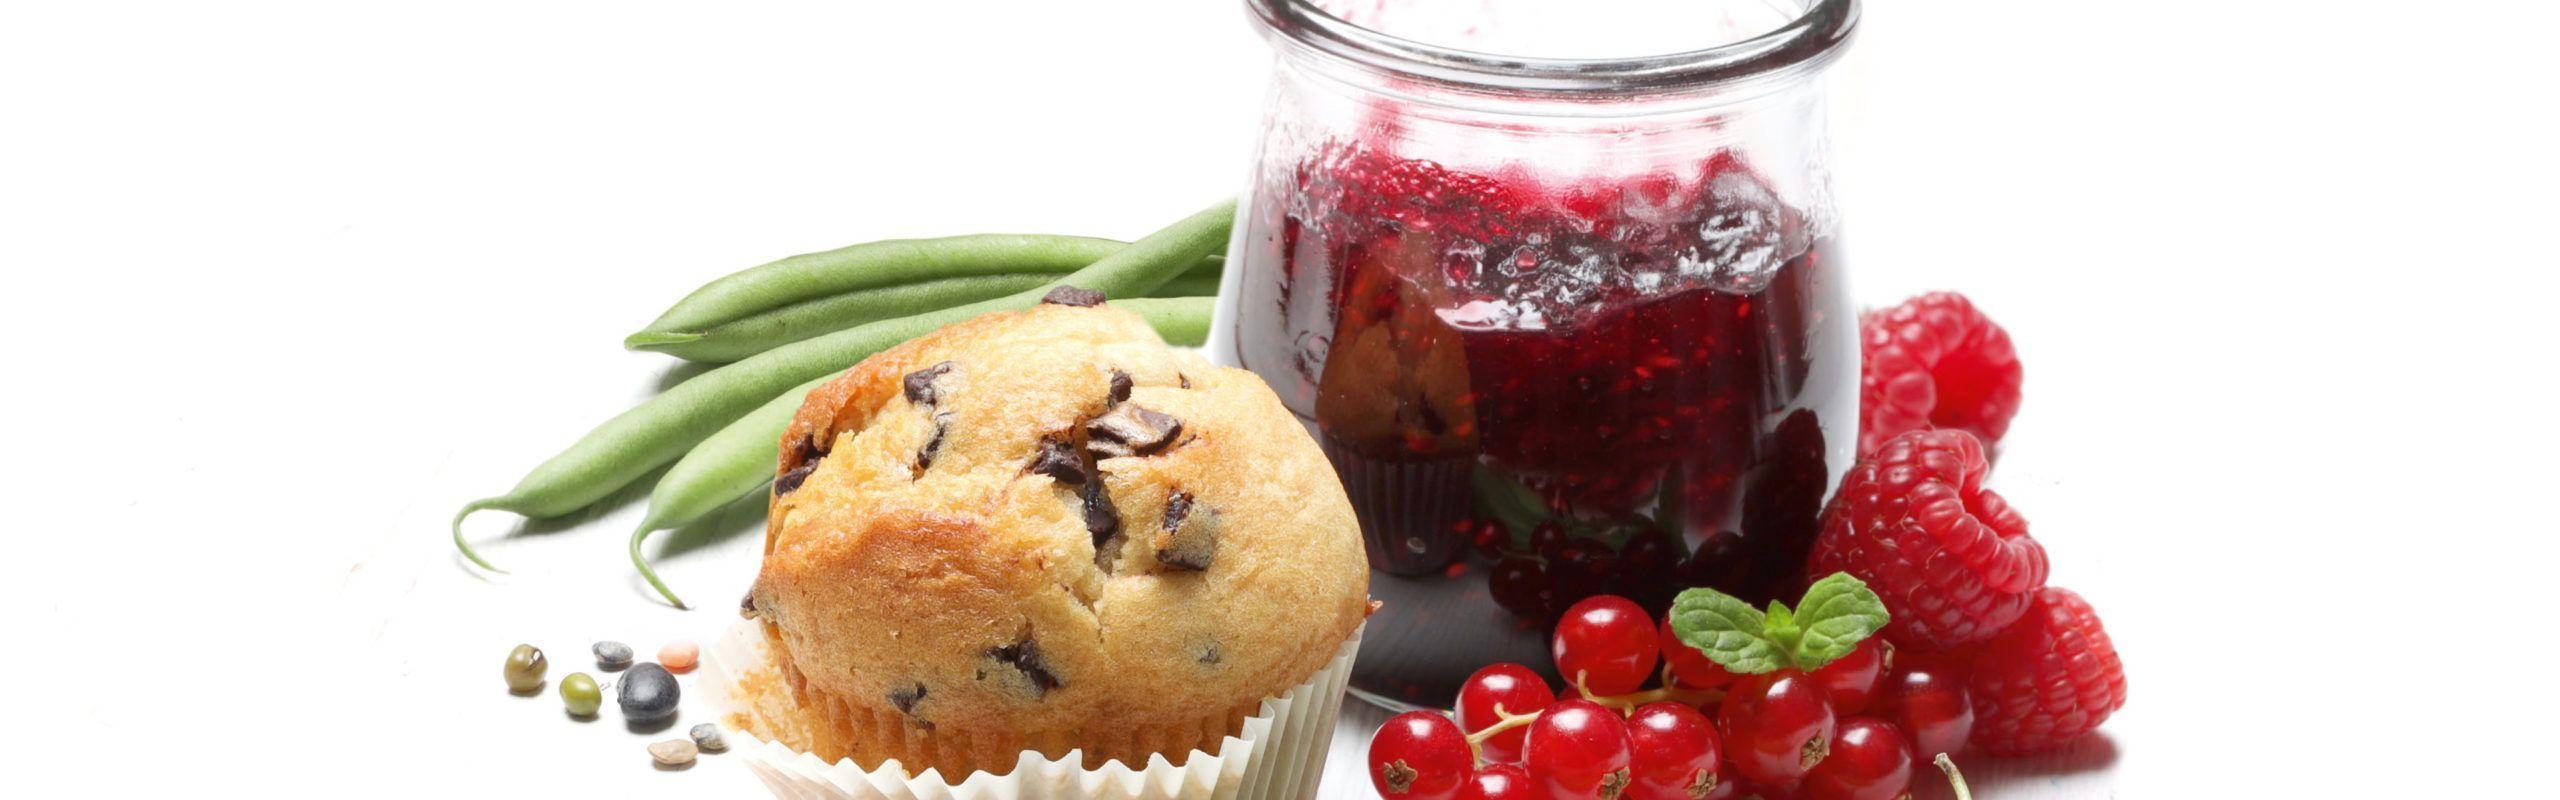 Anwendungsbeispiele von Natron: Muffin, Marmelade, daneben frisches Obst und Gemüse